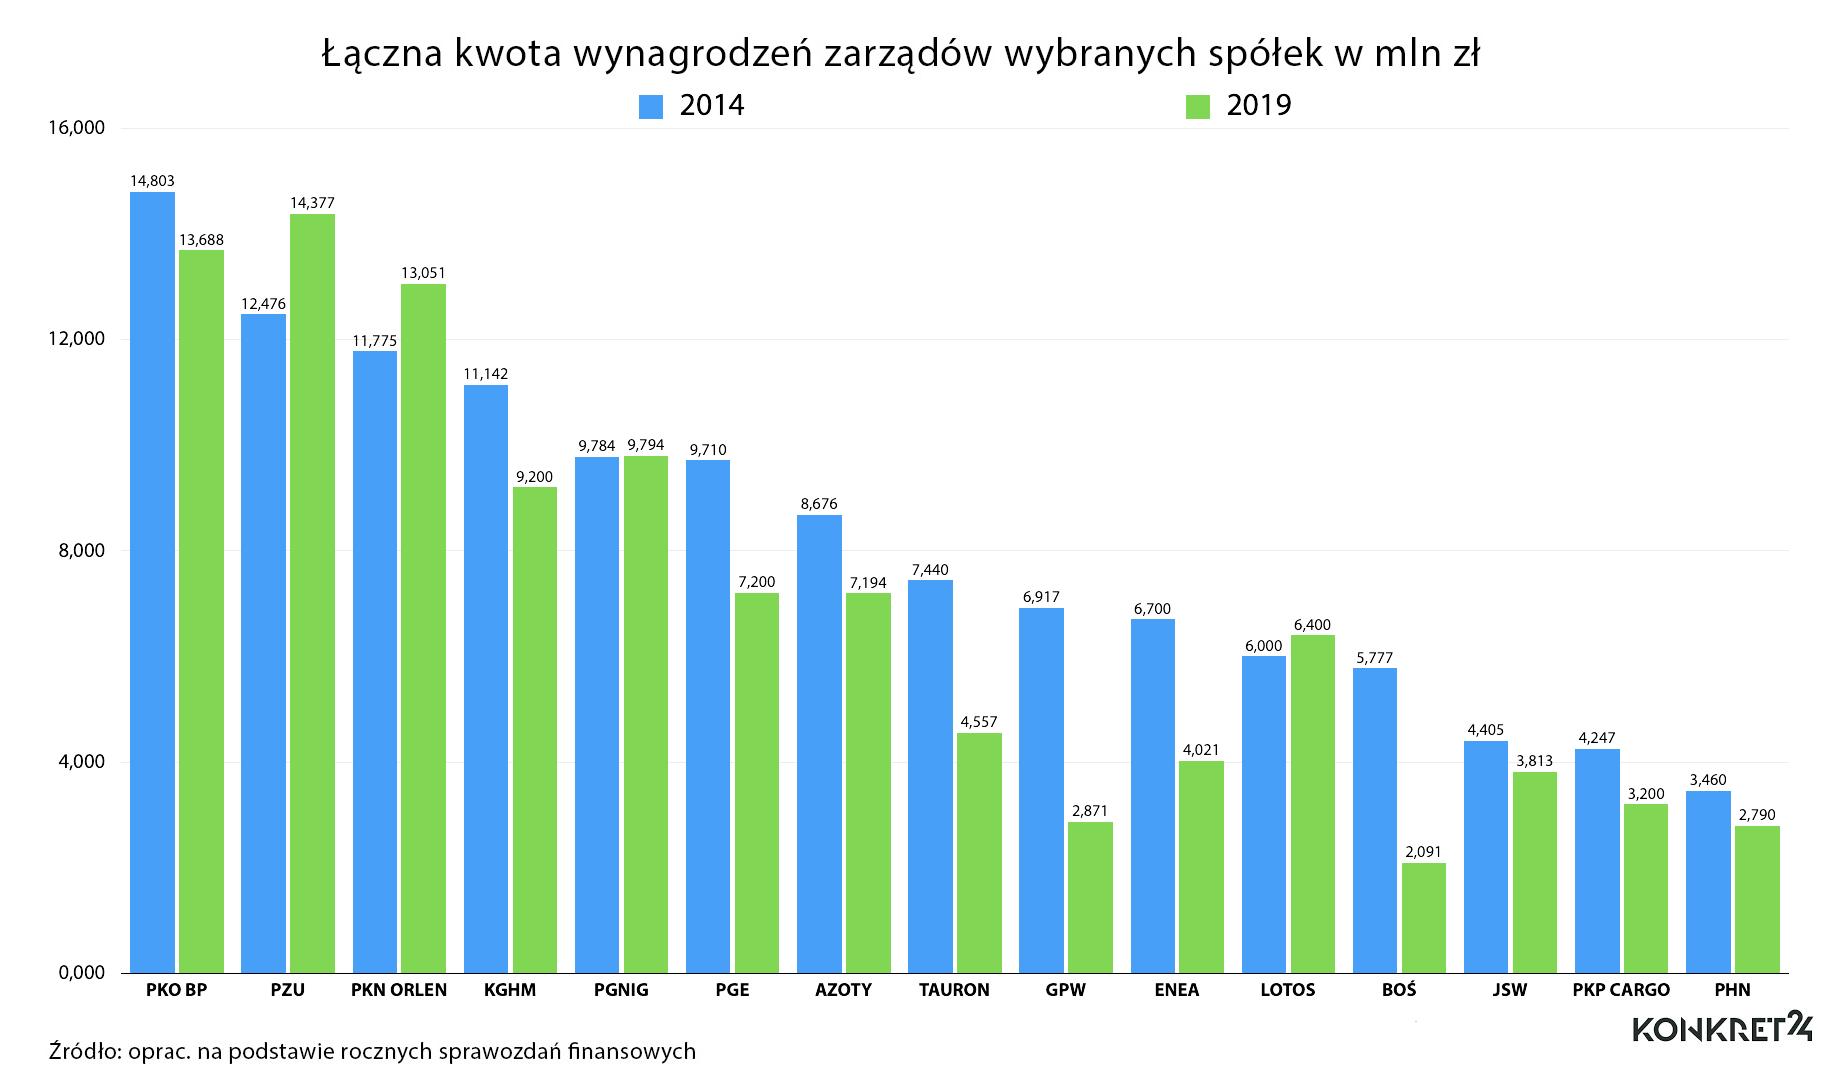 Roczne wynagrodzenia zarządów wybranych spółek Skarbu Państwa (kwoty brutto)